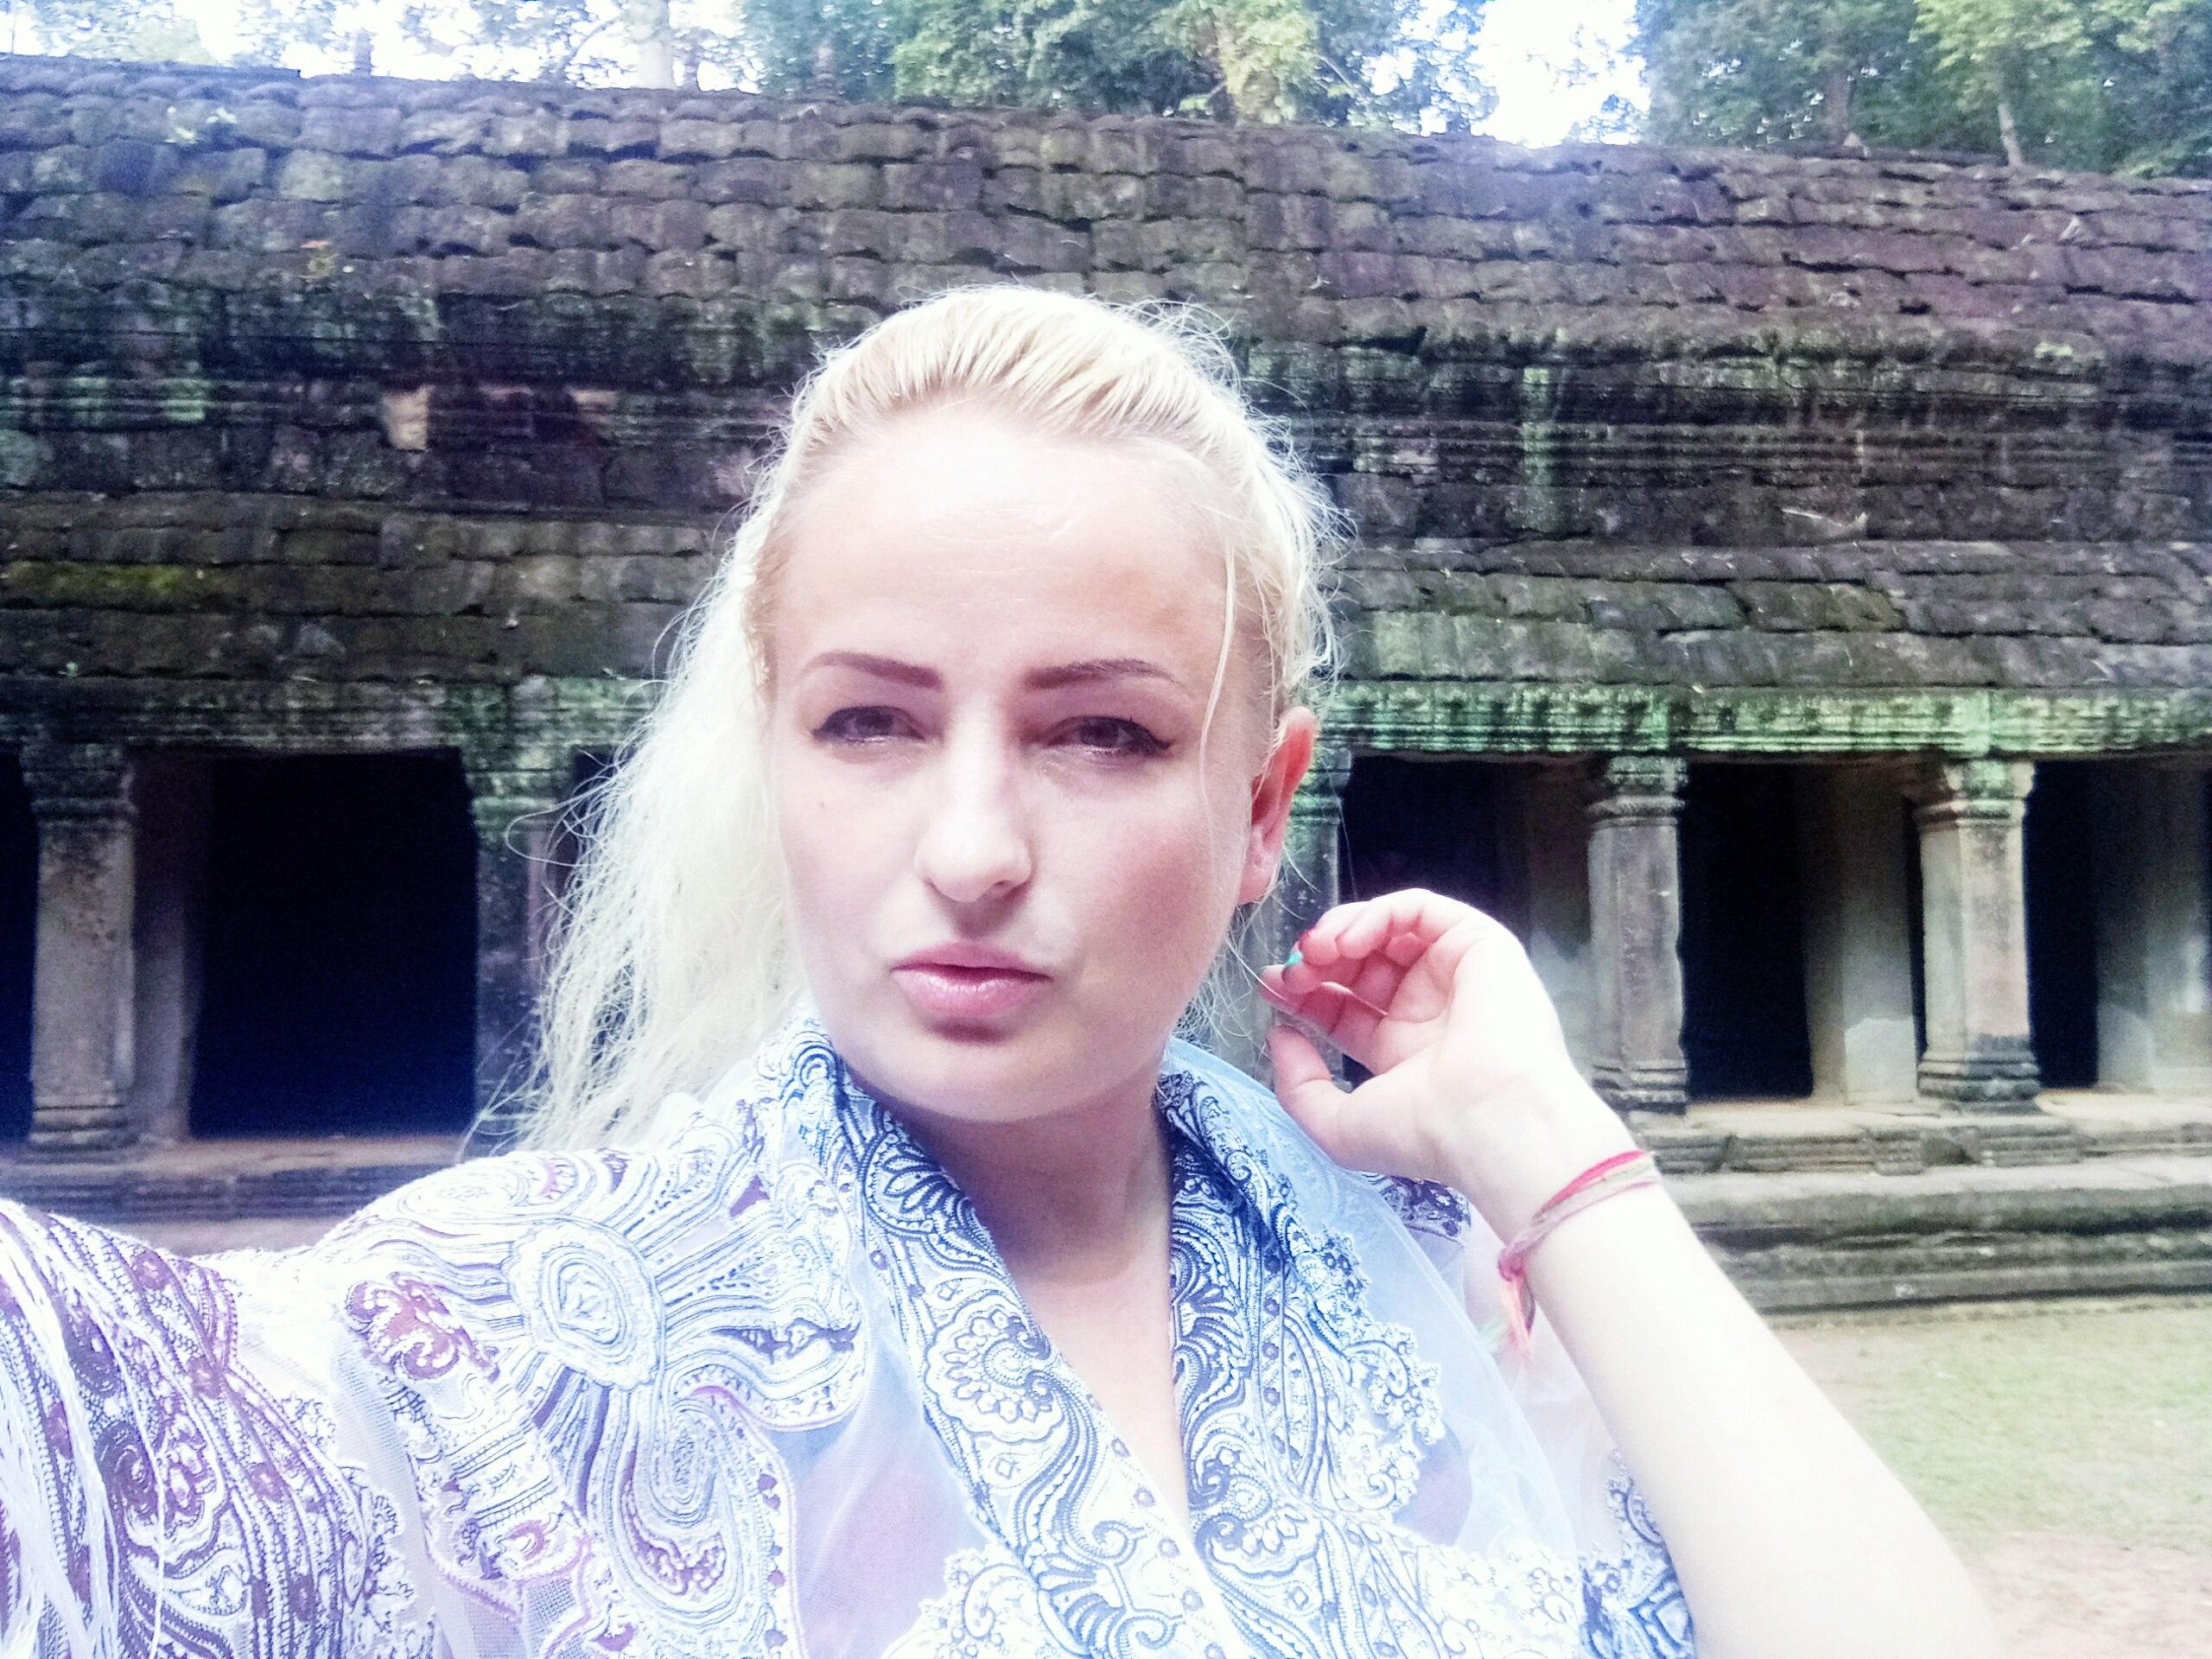 Елена Руденко (Валтея). Камбоджа. Ангкор. - Страница 3 EaP5vXmx3yg